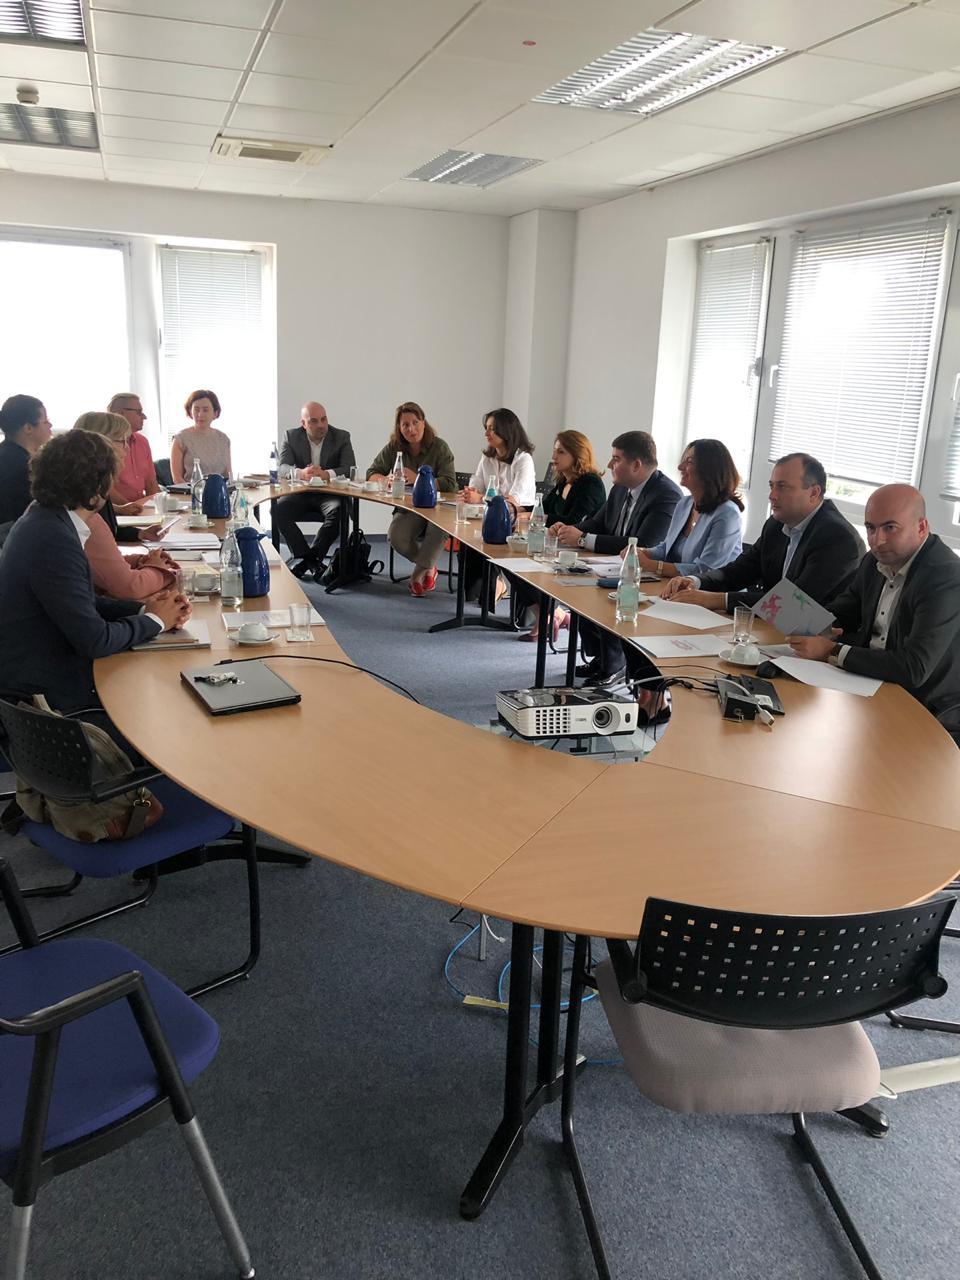 სახელმწიფო ქონების ეროვნულ სააგენტოსა და გერმანიის ფედერალური რესპუბლიკის ფინანსთა სამინისტროს შორის თანამშრომლობის ფარგლებში მორიგი სამუშაო შეხვედრა შედგა